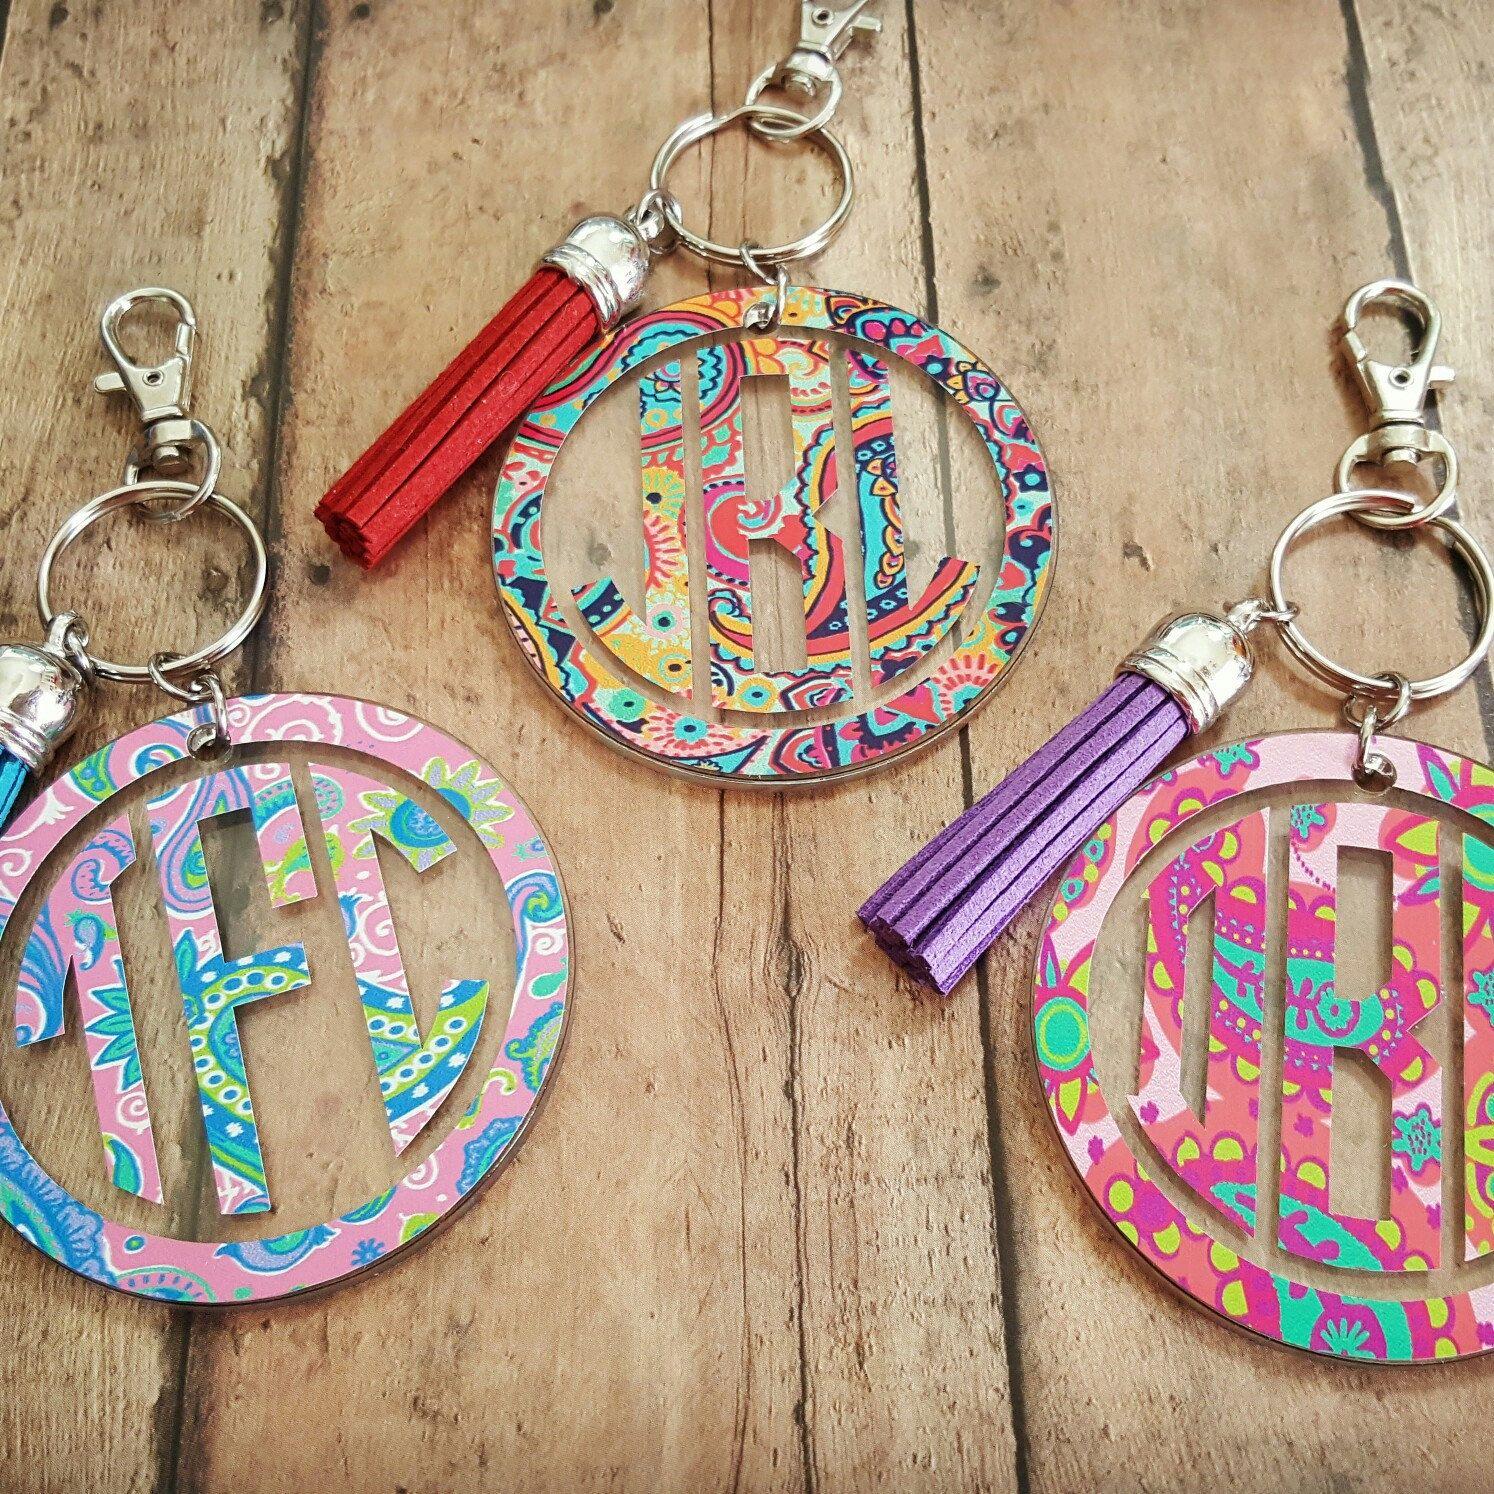 2 Round Acrylic Keychain Tassel Keychain Personalized Keychain